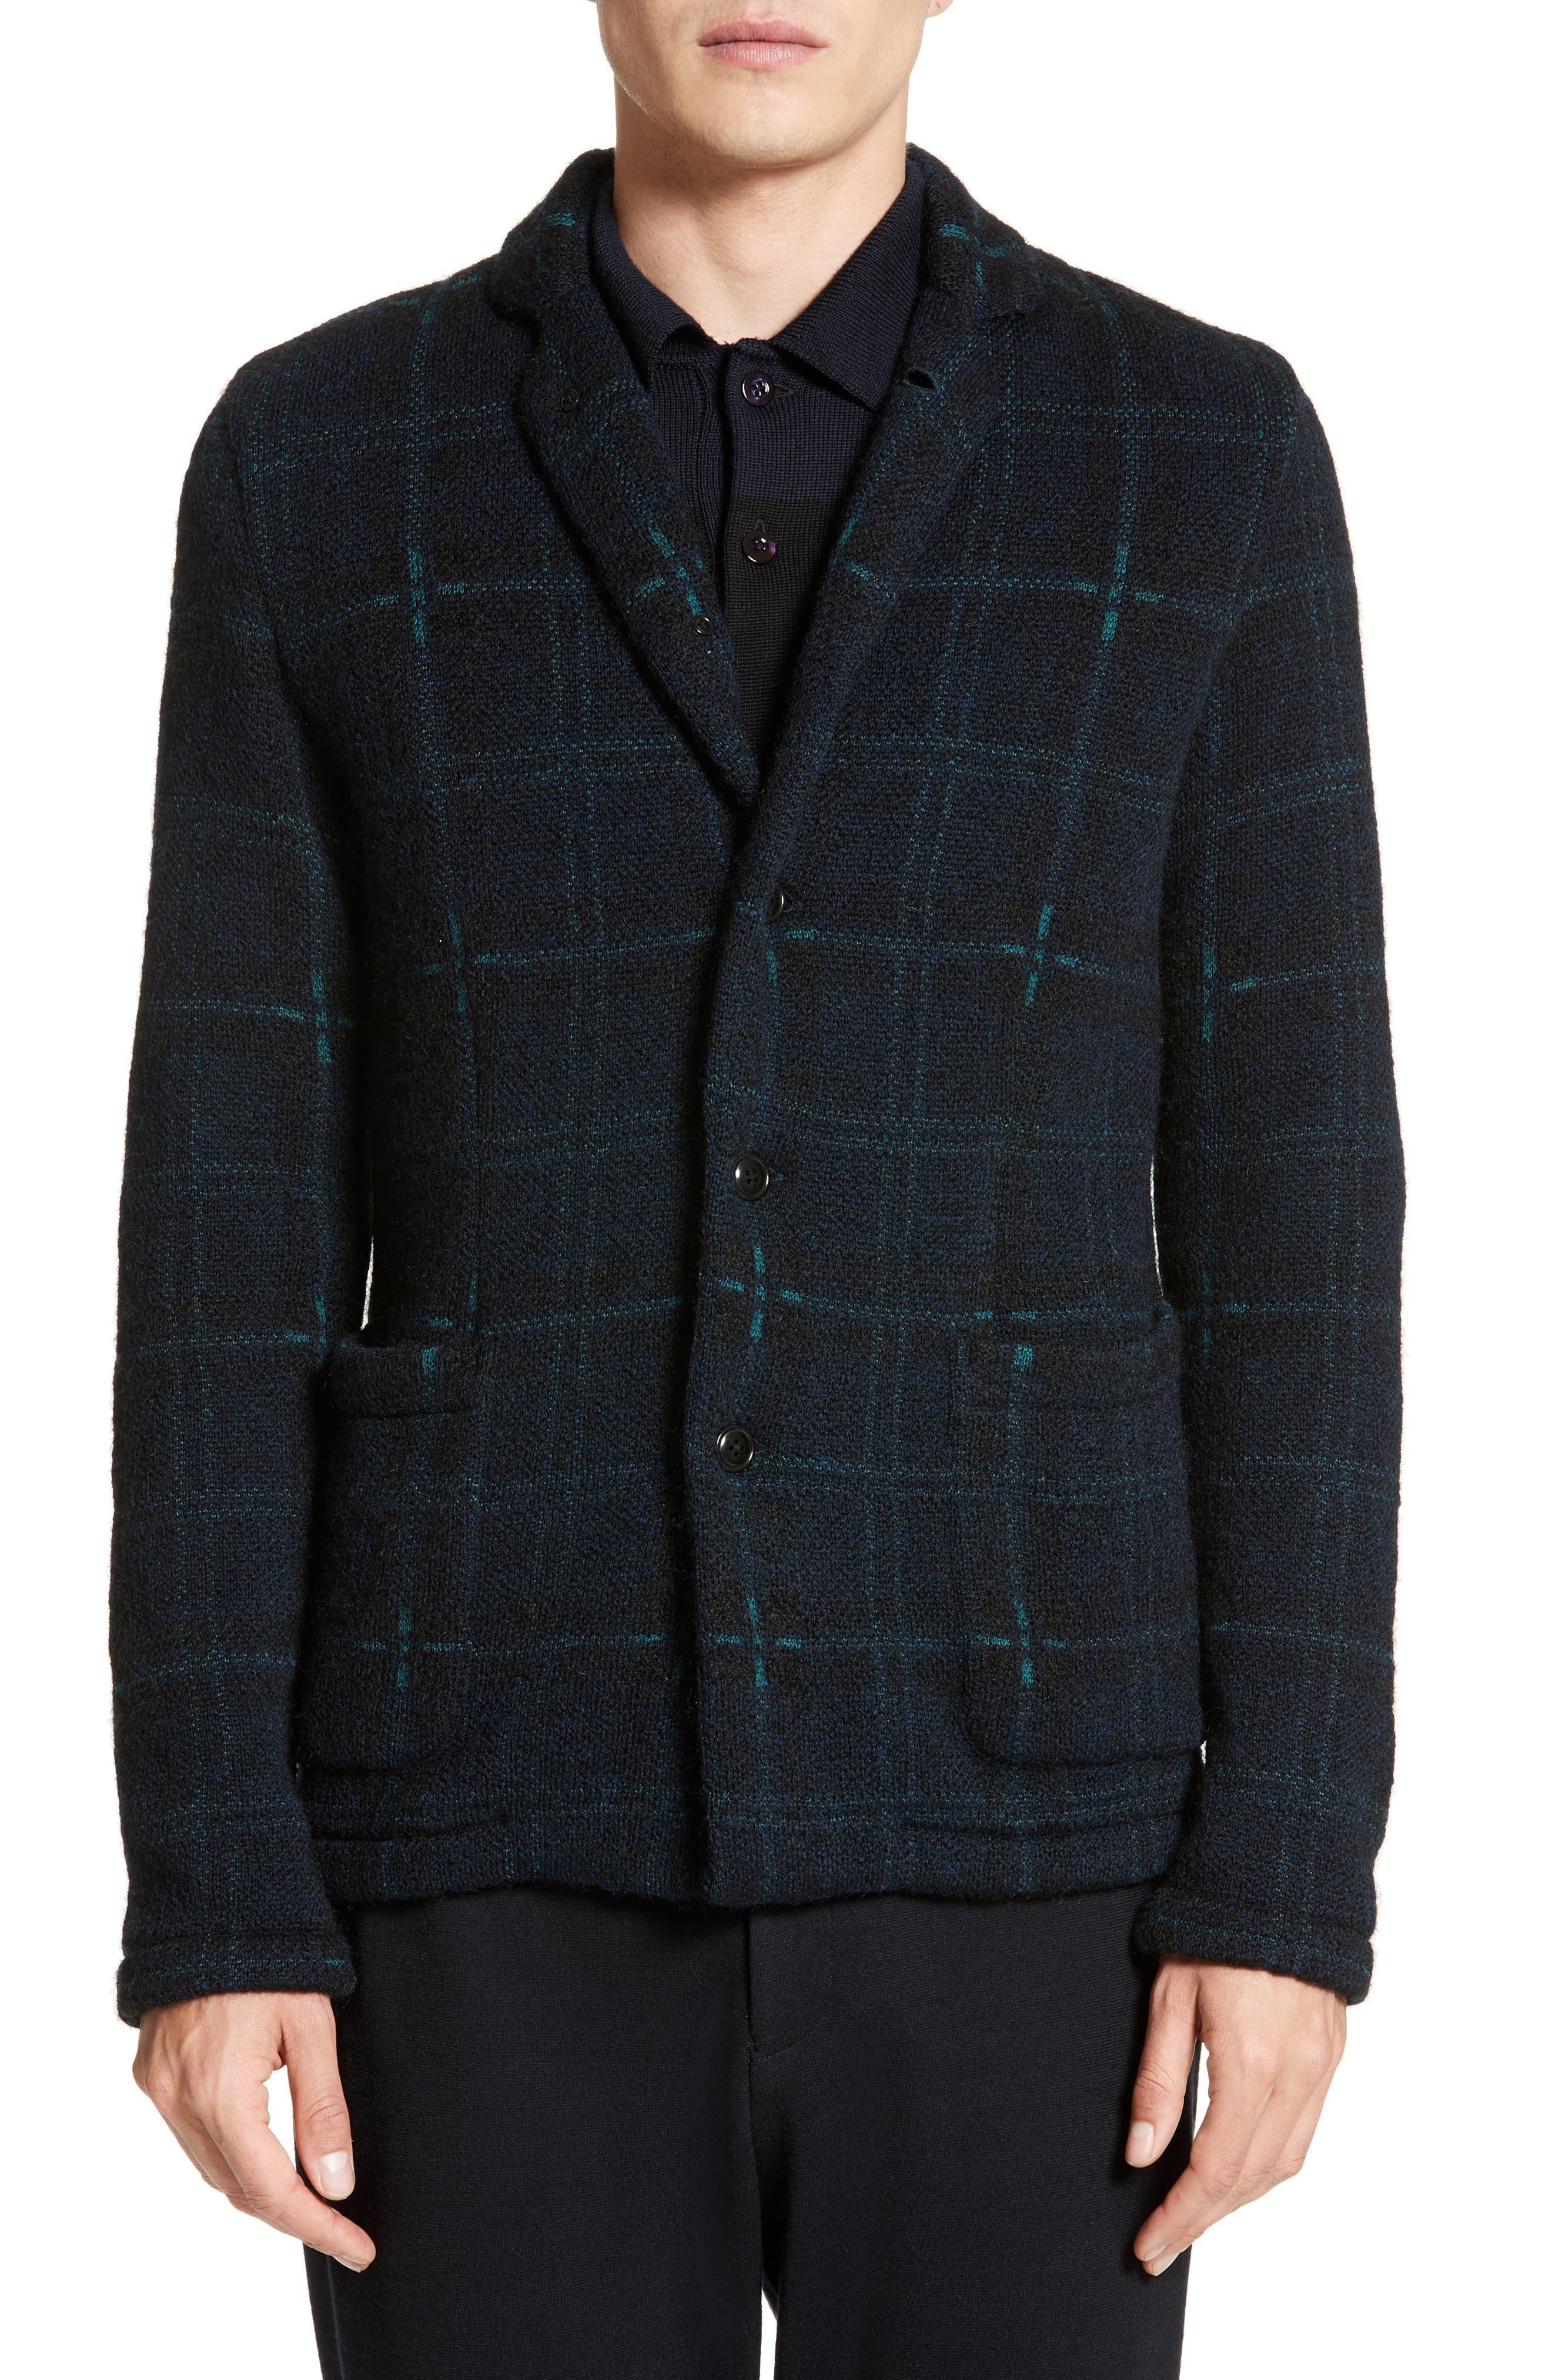 Tomorrowland Wool Blend Knit Sportcoat